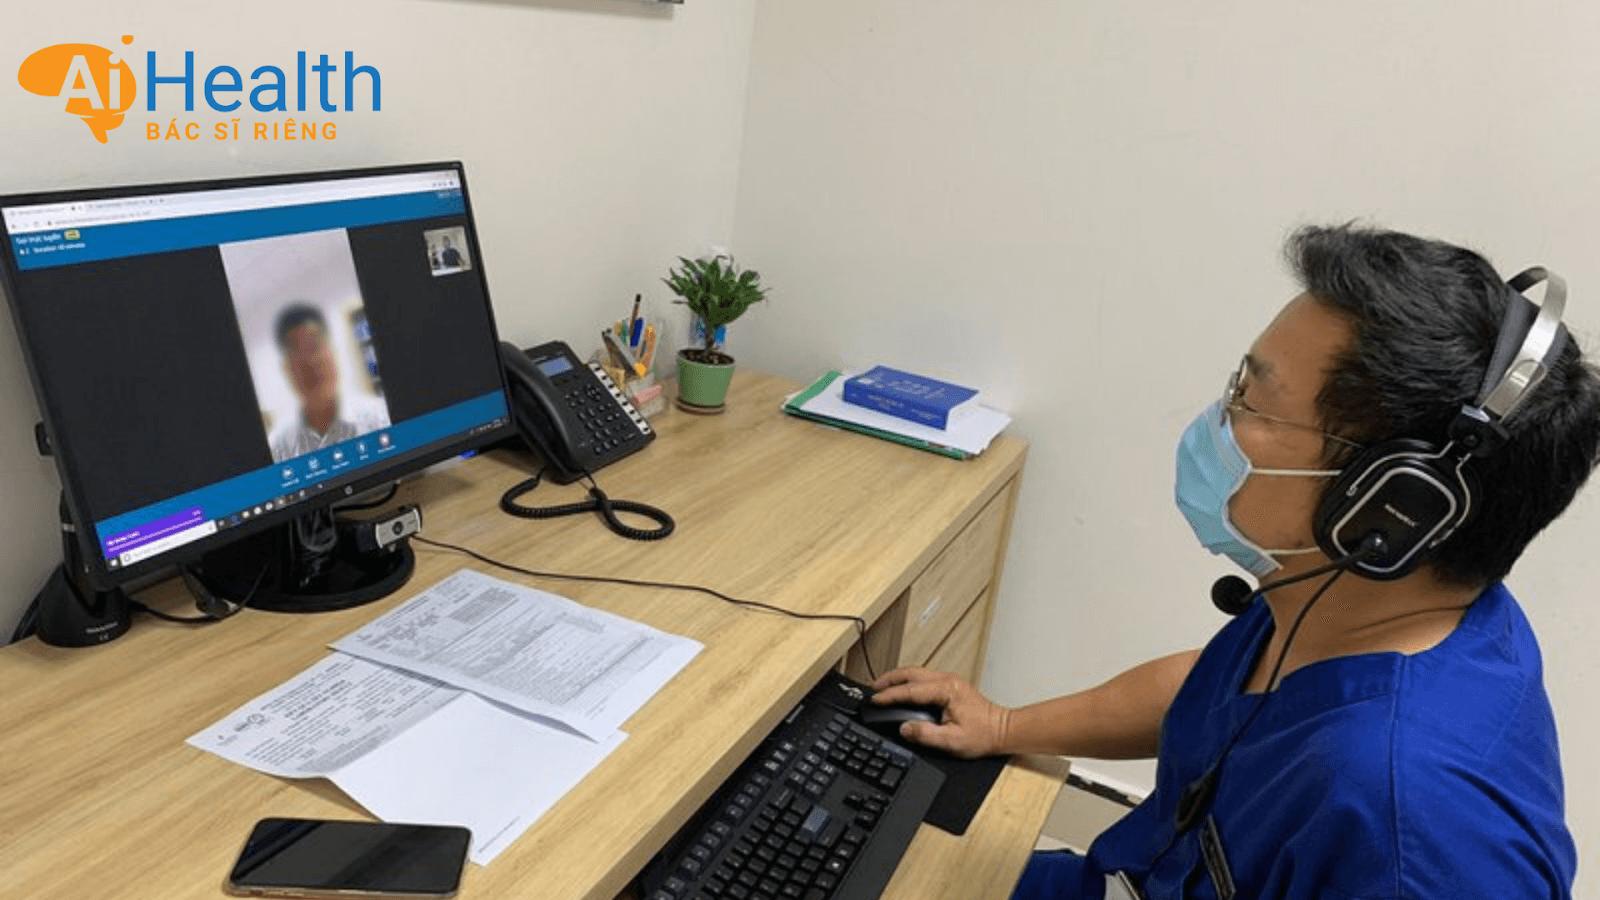 Khám bệnh online tiết kiệm thời gian cho người bệnh